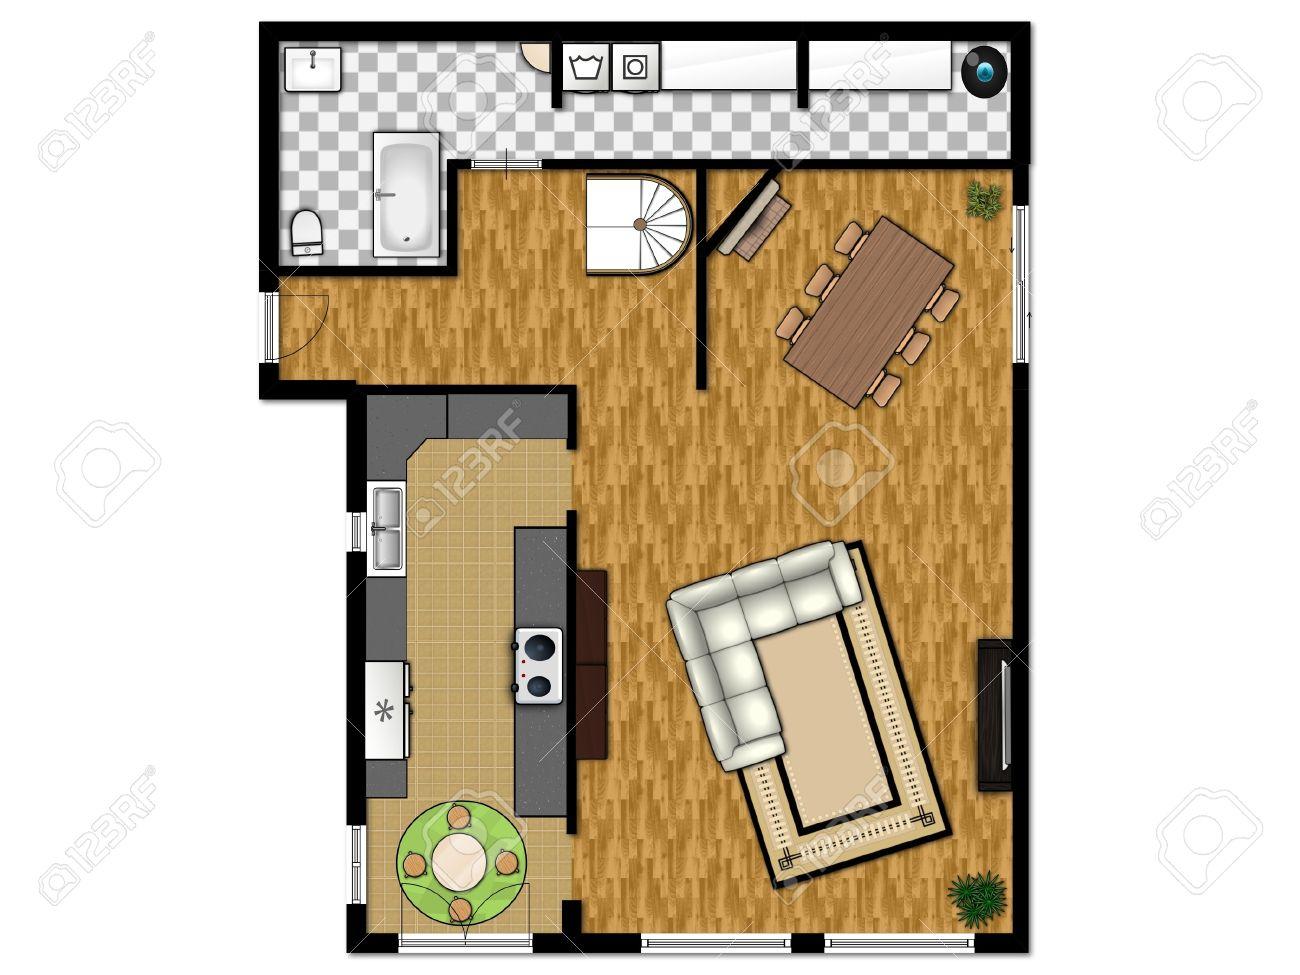 archivio fotografico planimetria 2d del primo livello con cucina soggiorno bagno e lavanderia